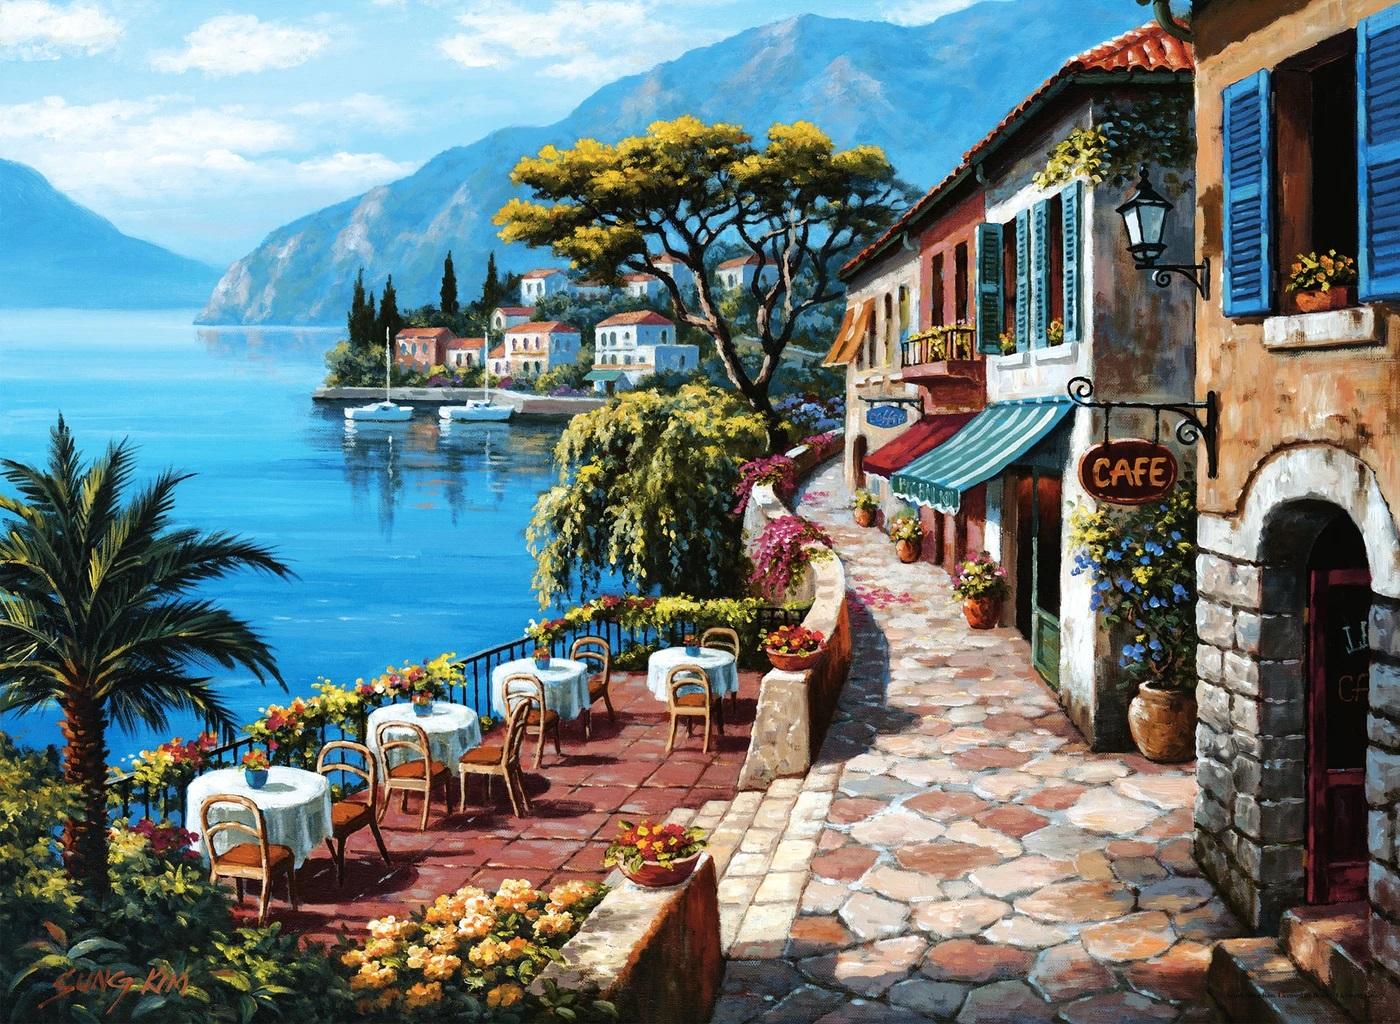 Overlook Café II Street Scene Jigsaw Puzzle